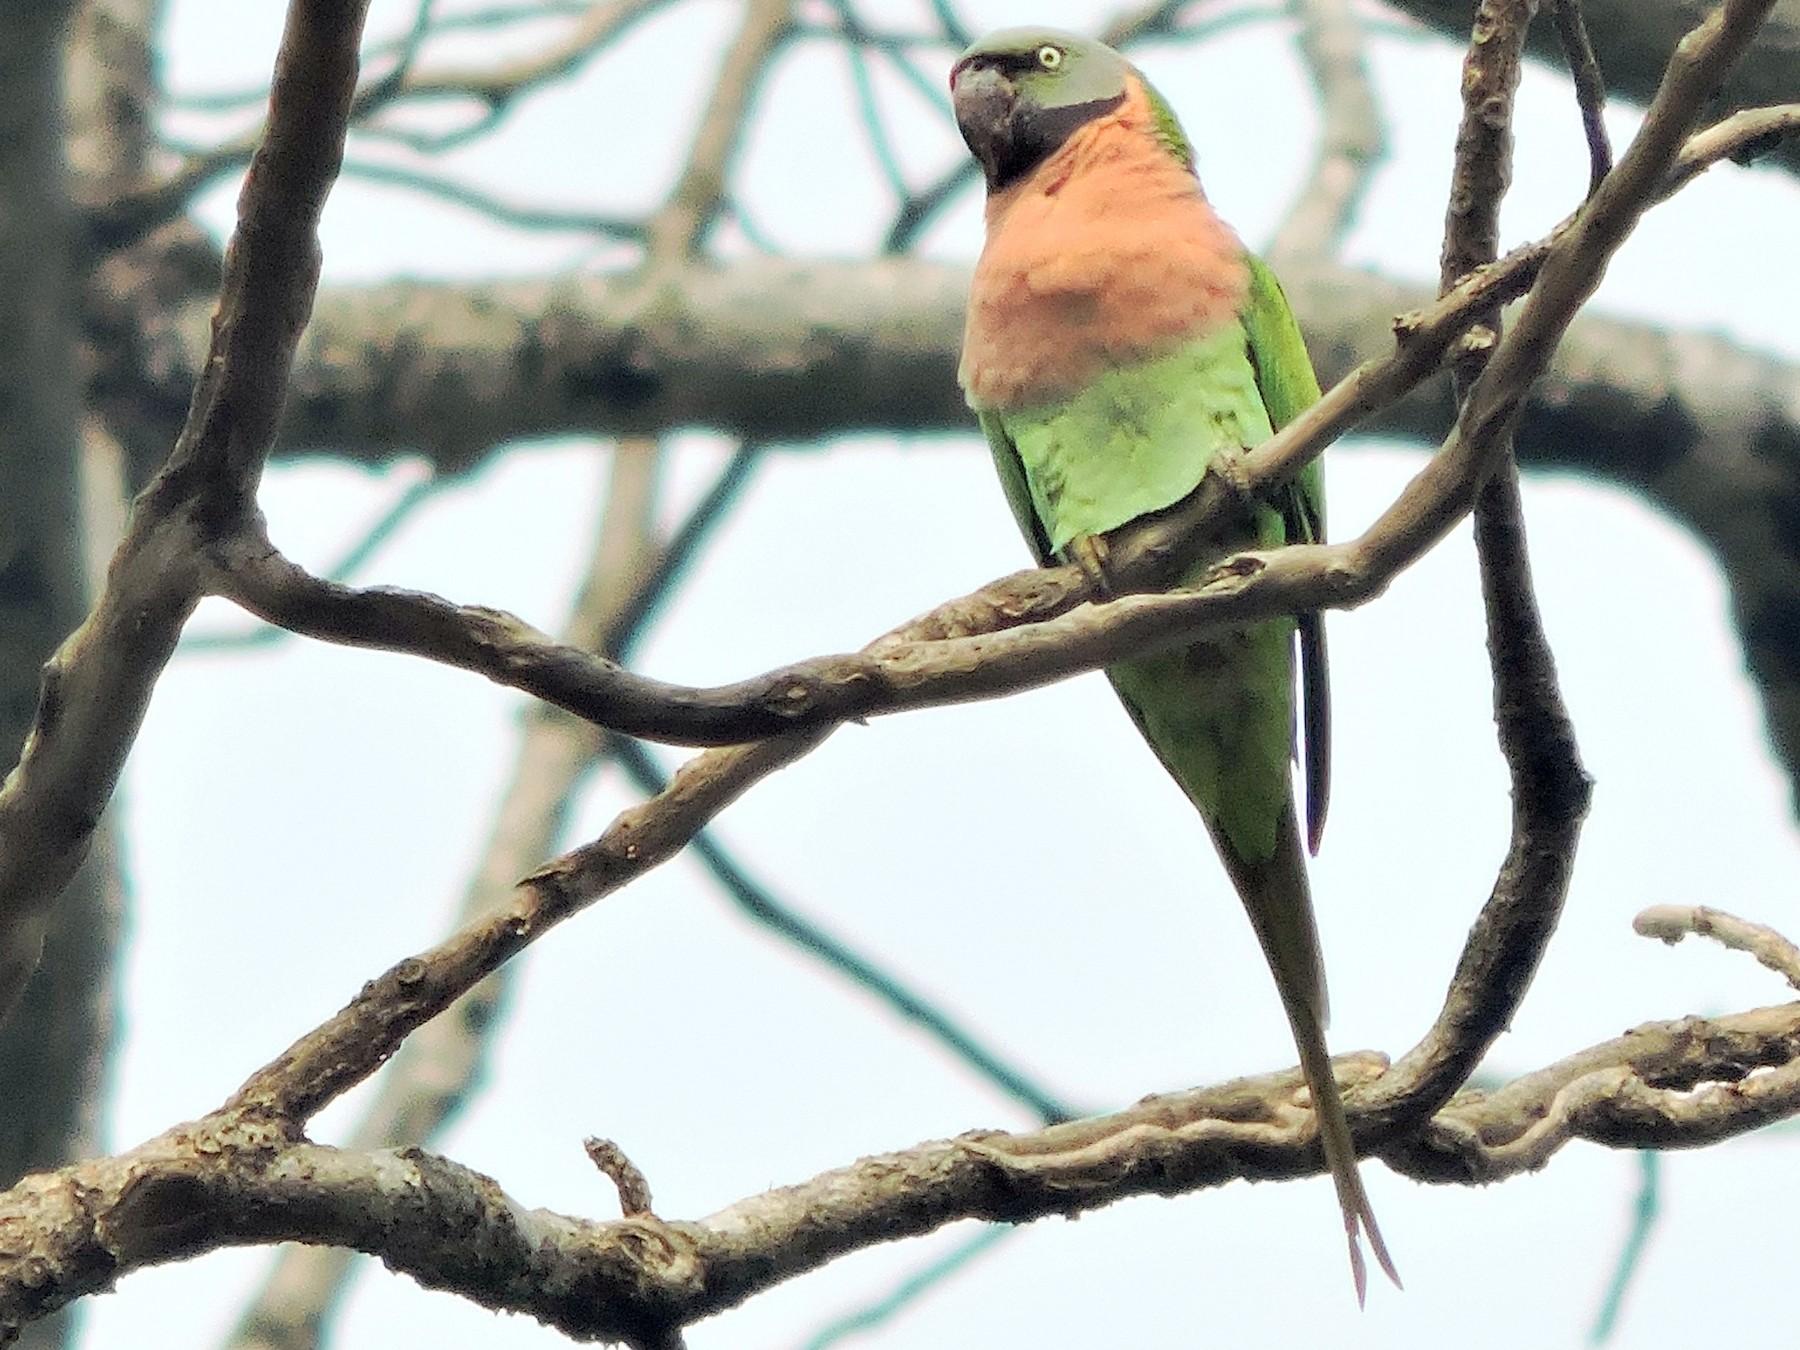 Red-breasted Parakeet - Tanmoy  Das Gupta